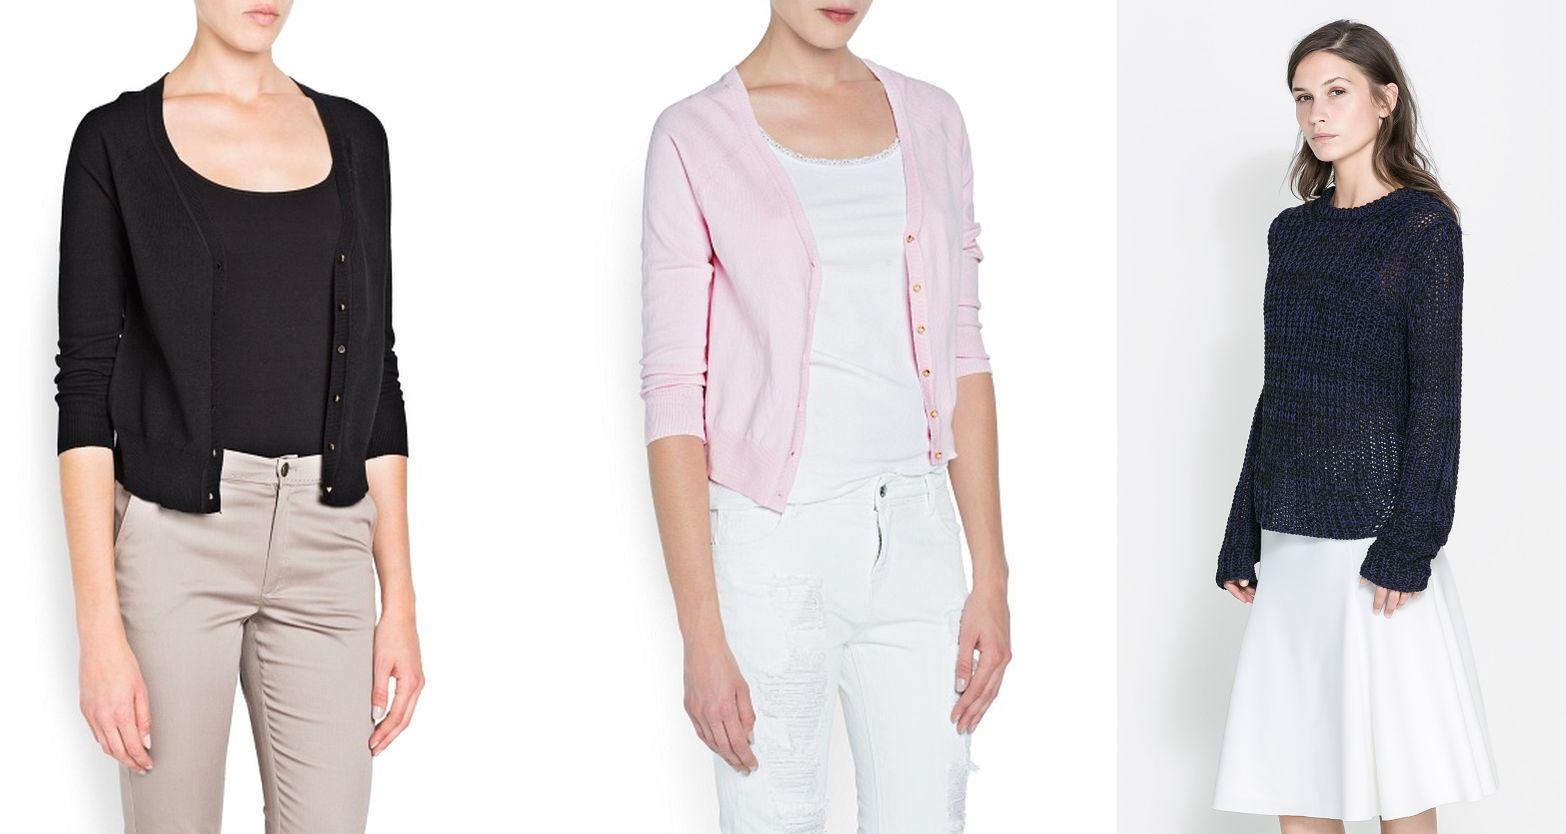 e198c457bdd6ab Tak - krótkie zapinane sweterki idealnie komponują się niemalże z każdą  sukienką. Warto mieć taki ,,dyżurny'' sweterek w biurze. Yes, short  cardigans will ...